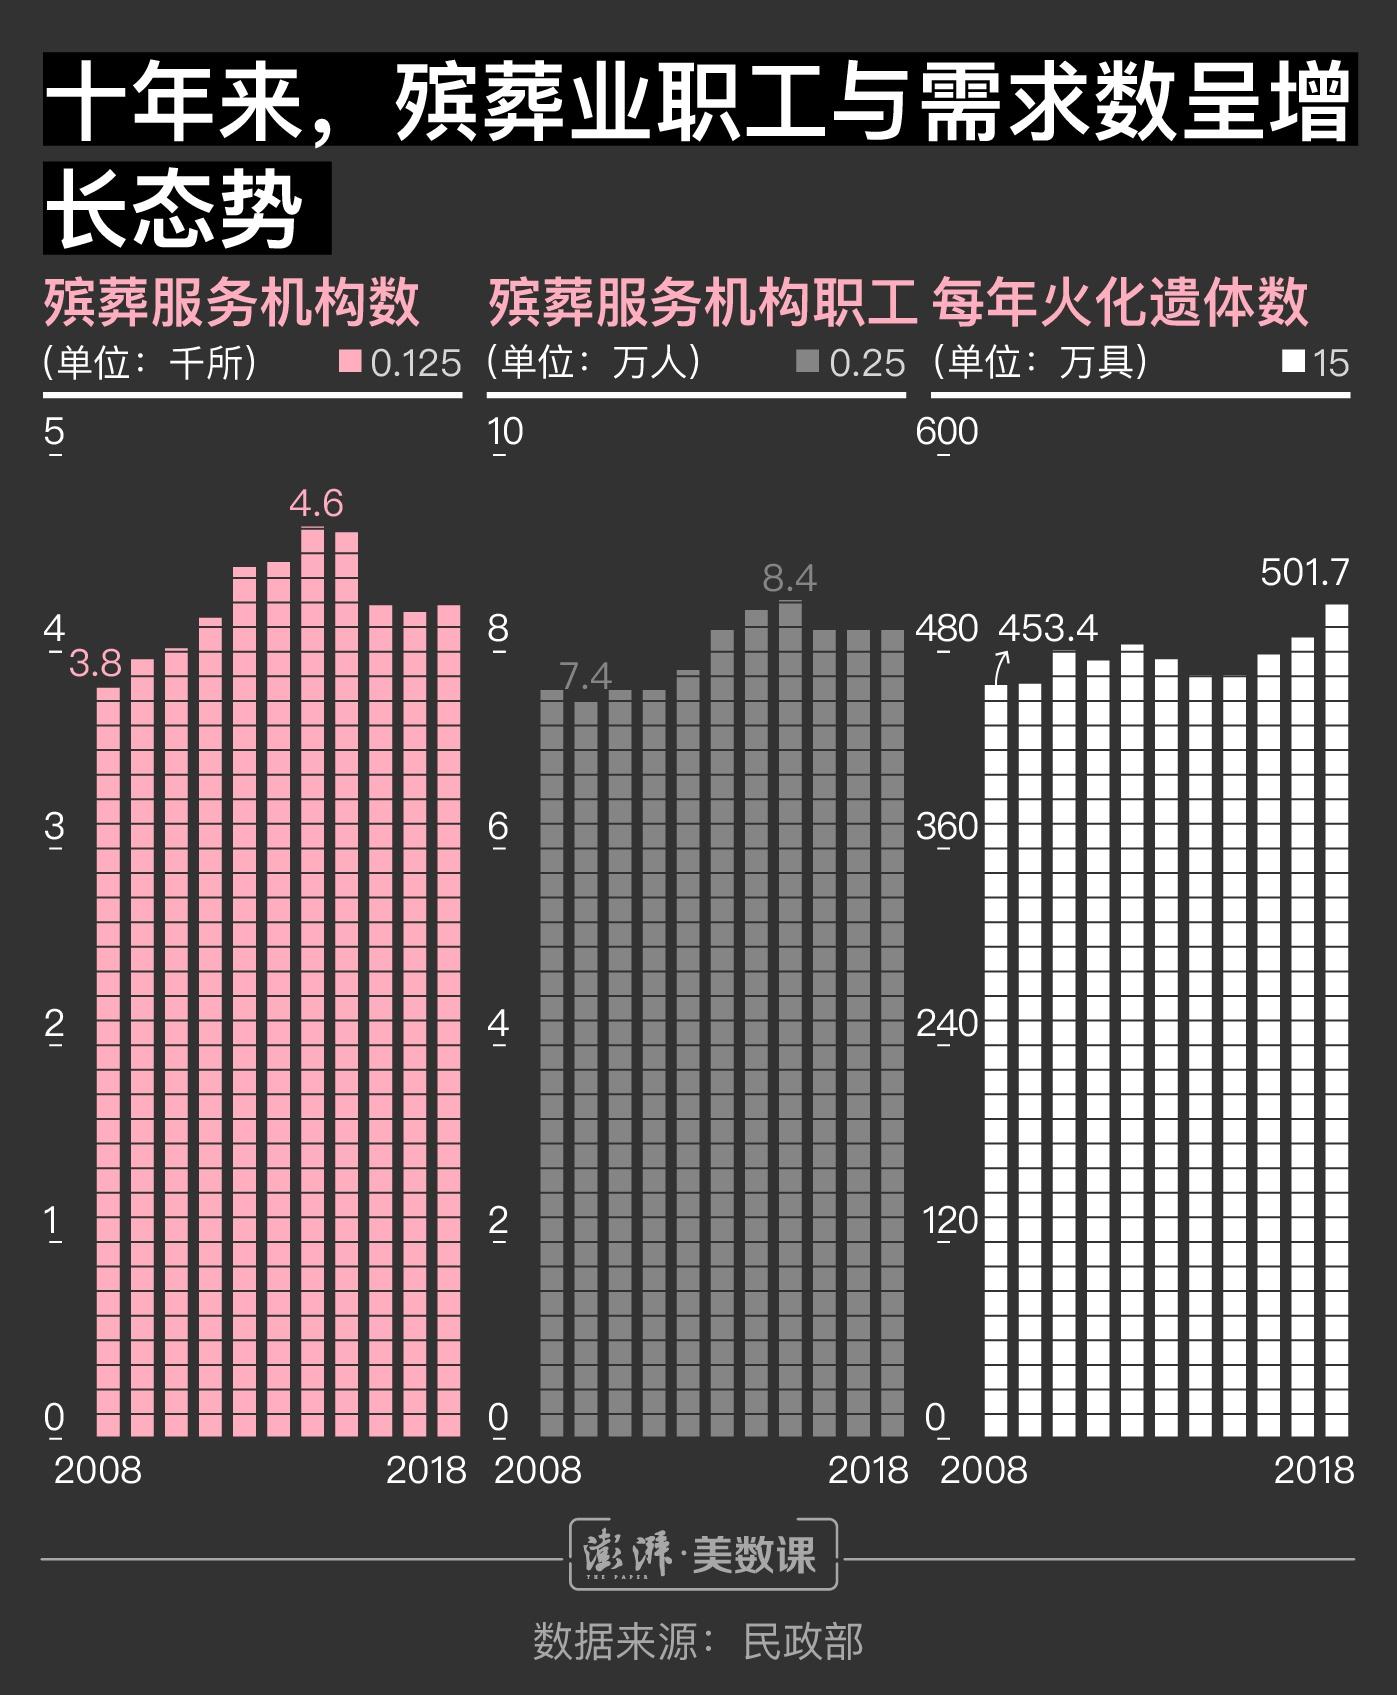 红宝石娱乐网站游戏app,济宁脱贫攻坚进行时|医保扶贫政策财政补贴资金超过4200万